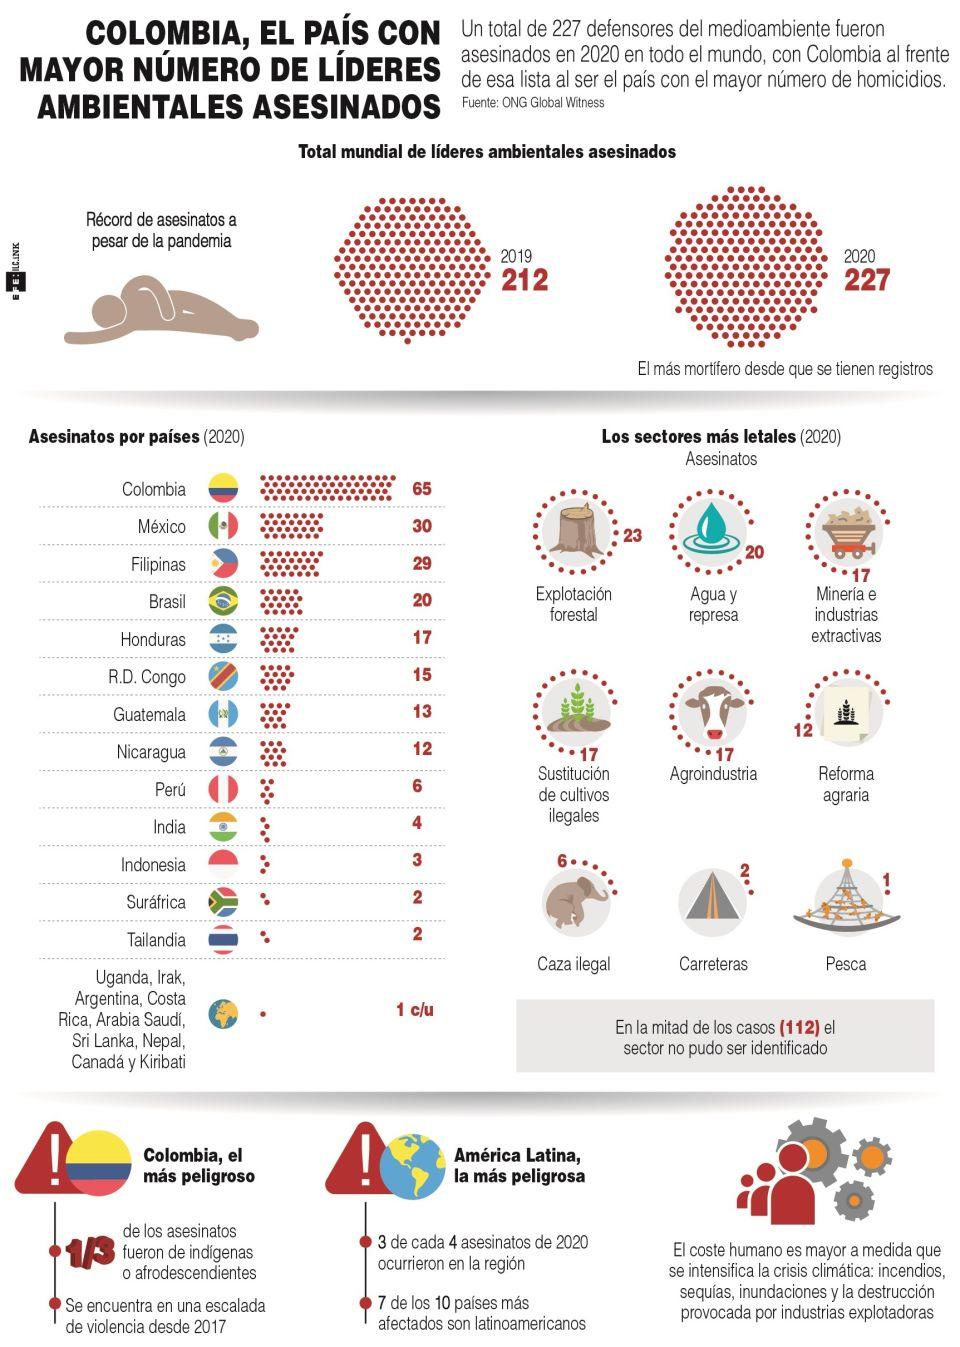 Infografía. Defensores ambientales